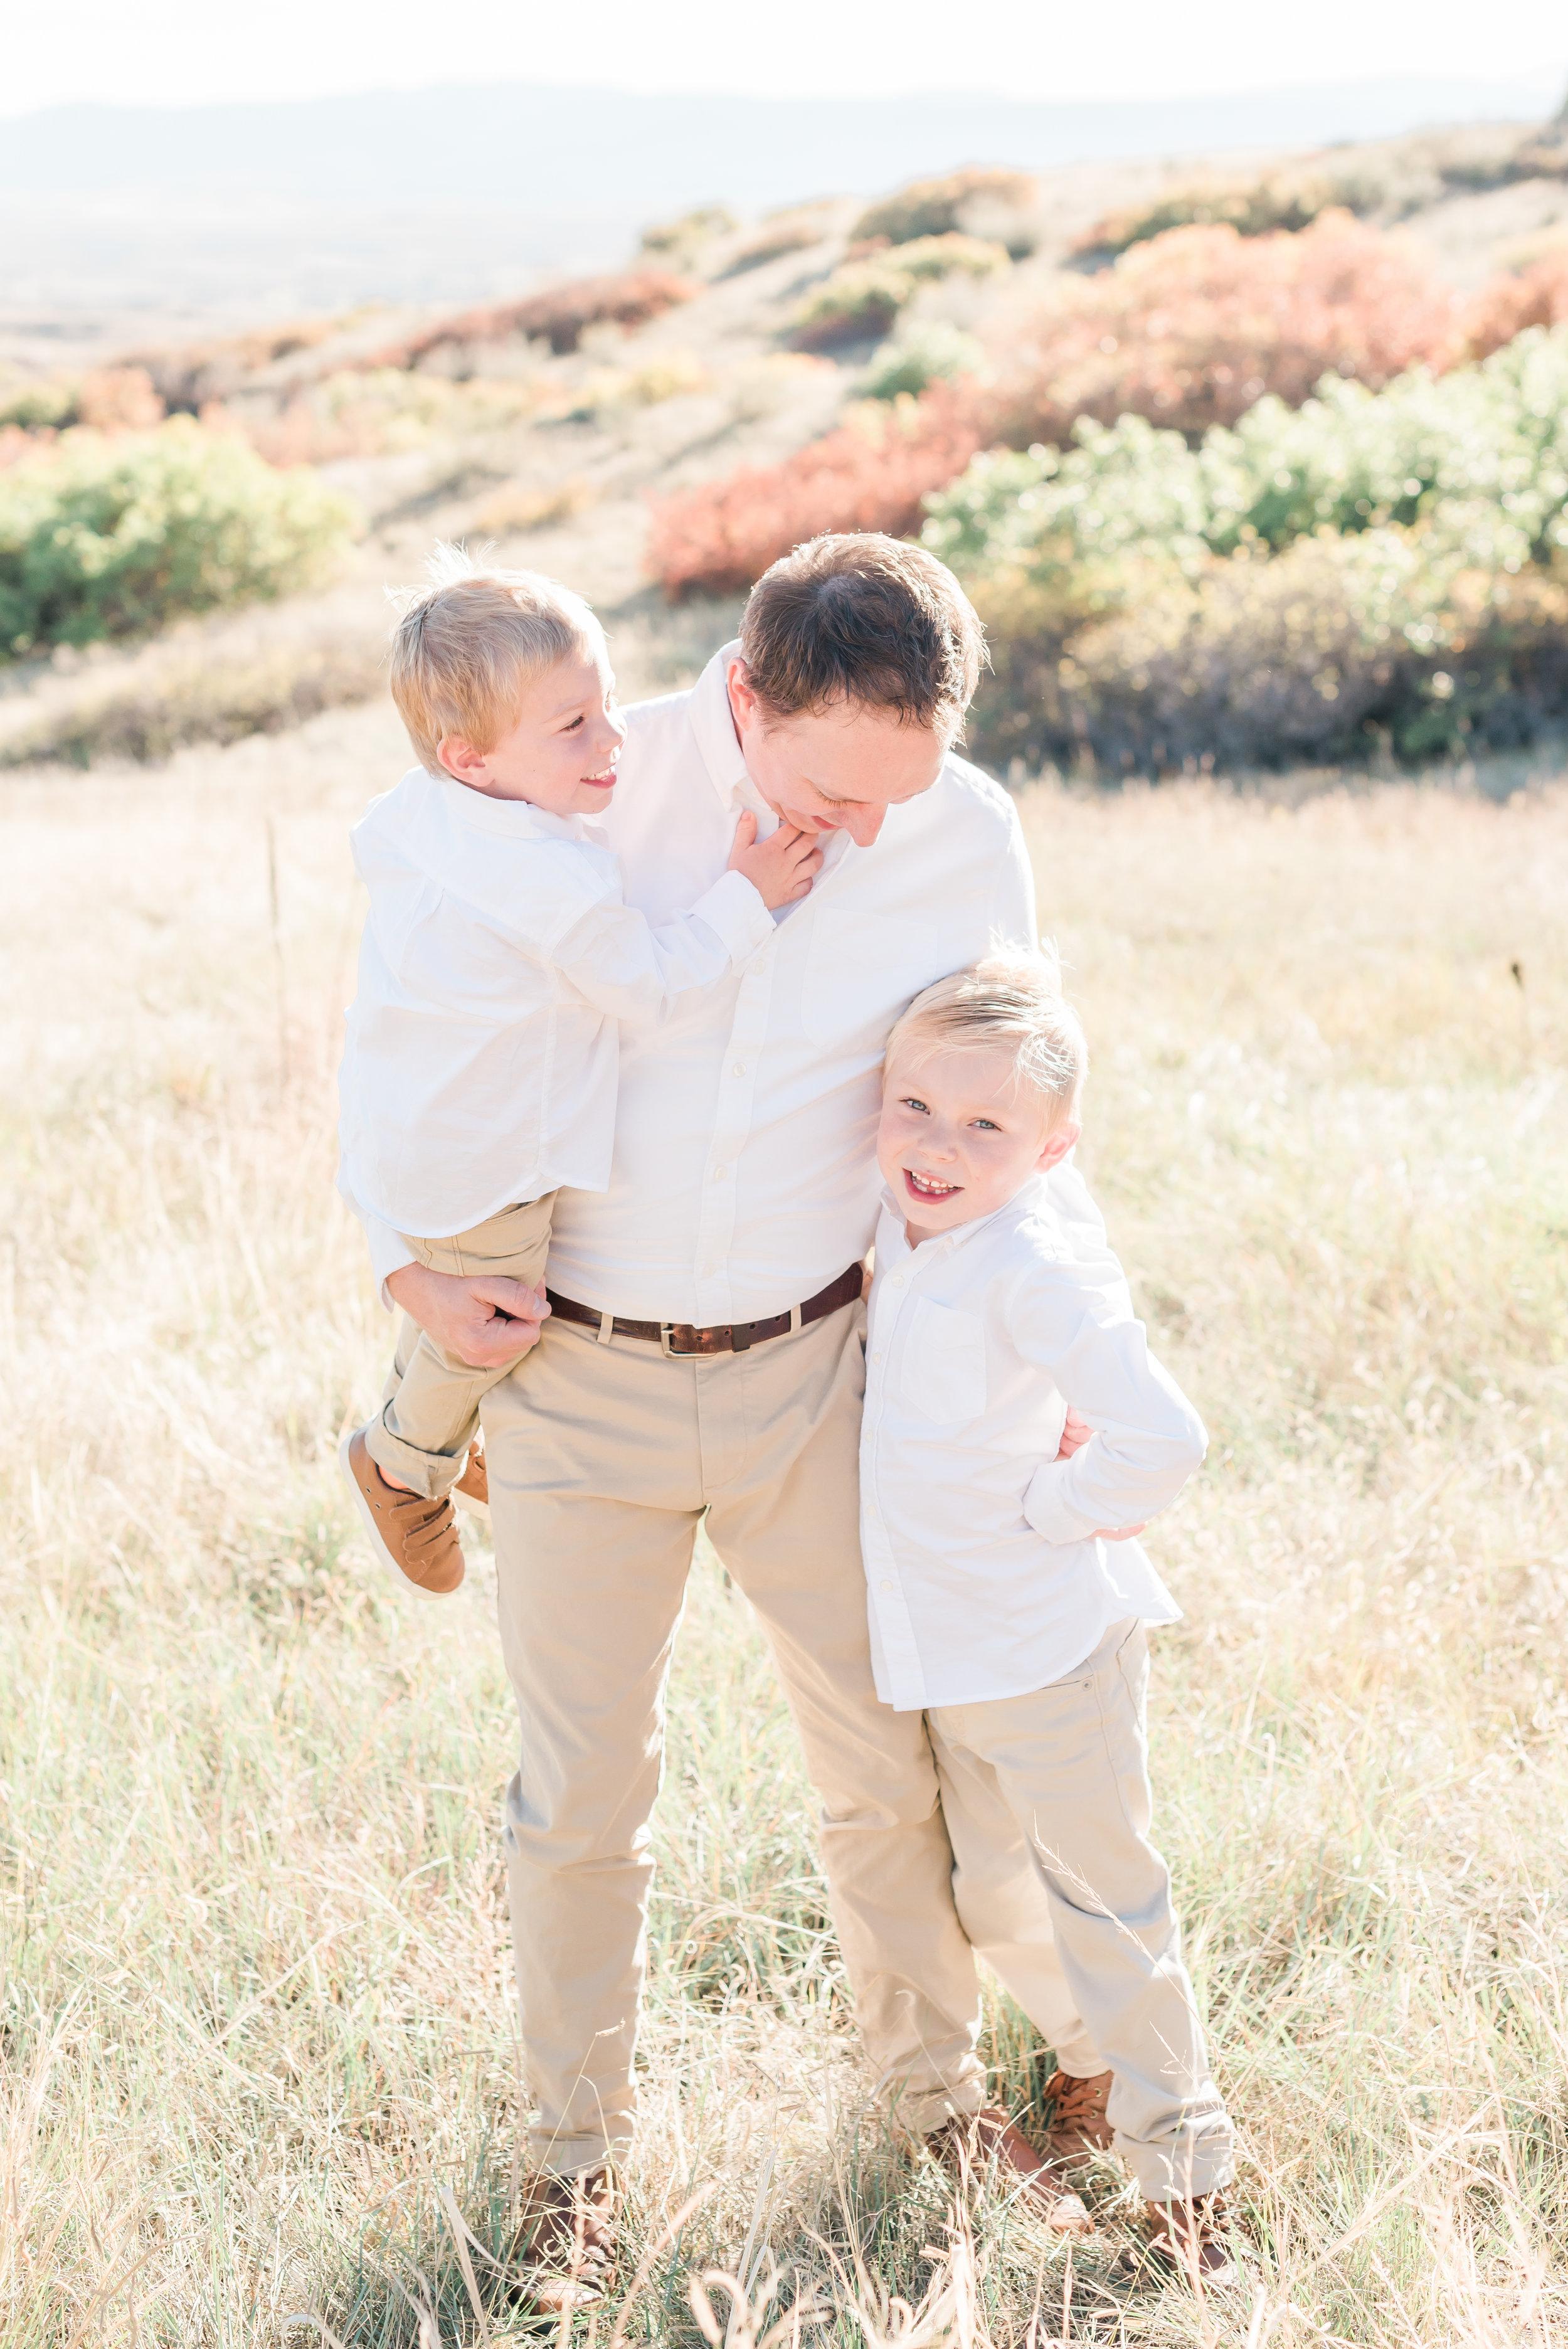 FamilyPhotos-56.jpg